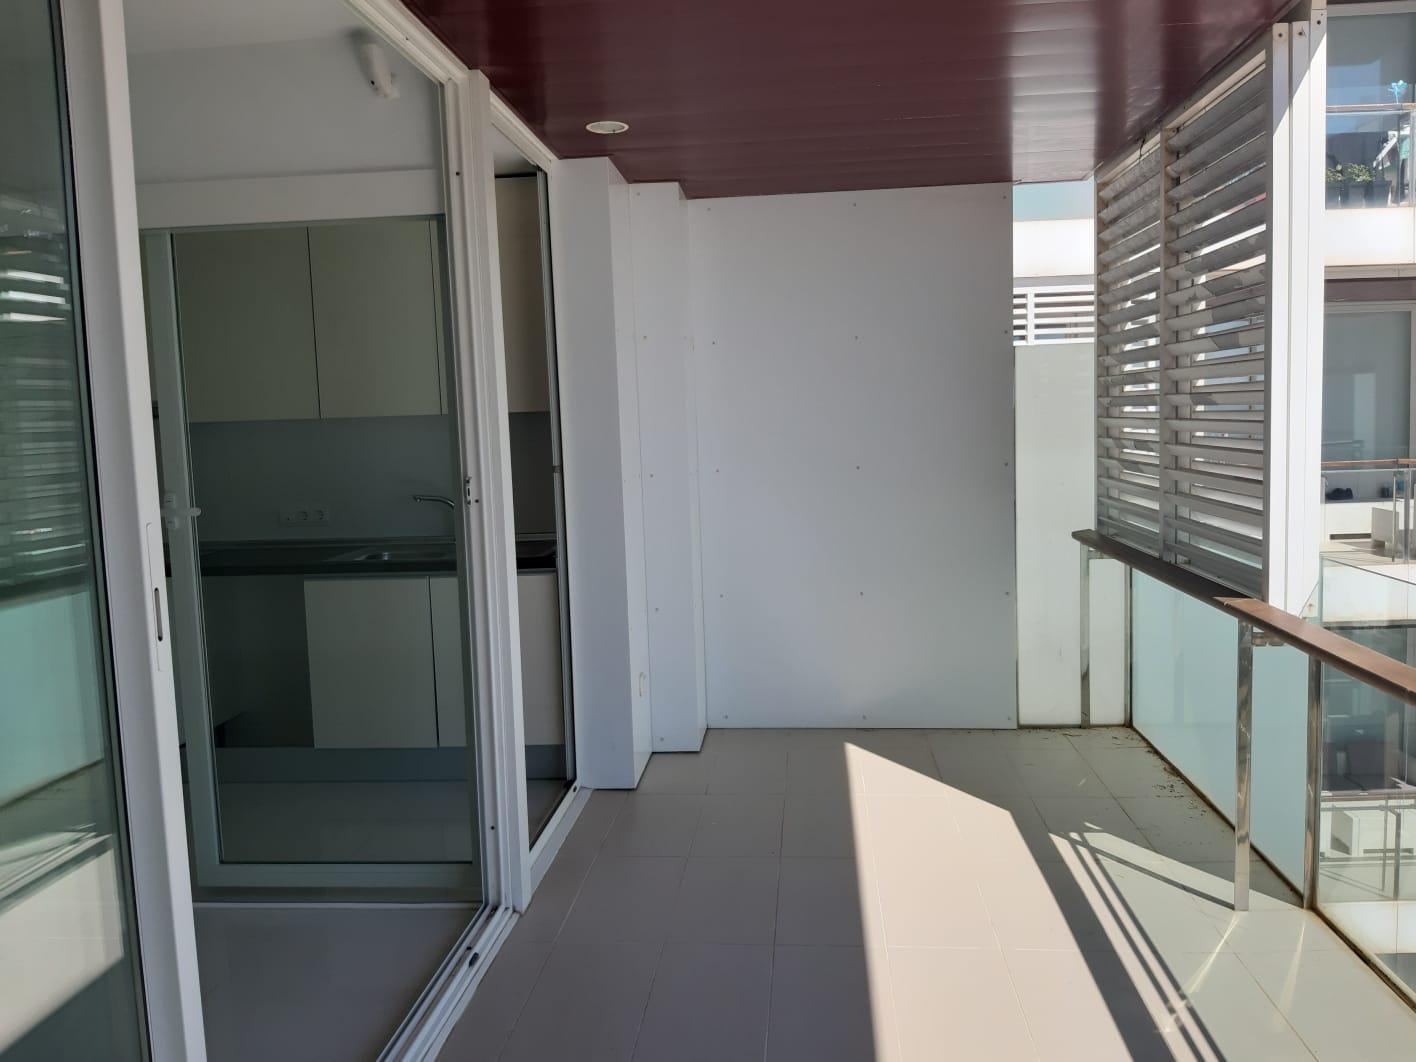 Appartement moderne de 2 chambres avec un grand potentiel au bord de la mer à Playa d'en Bossa